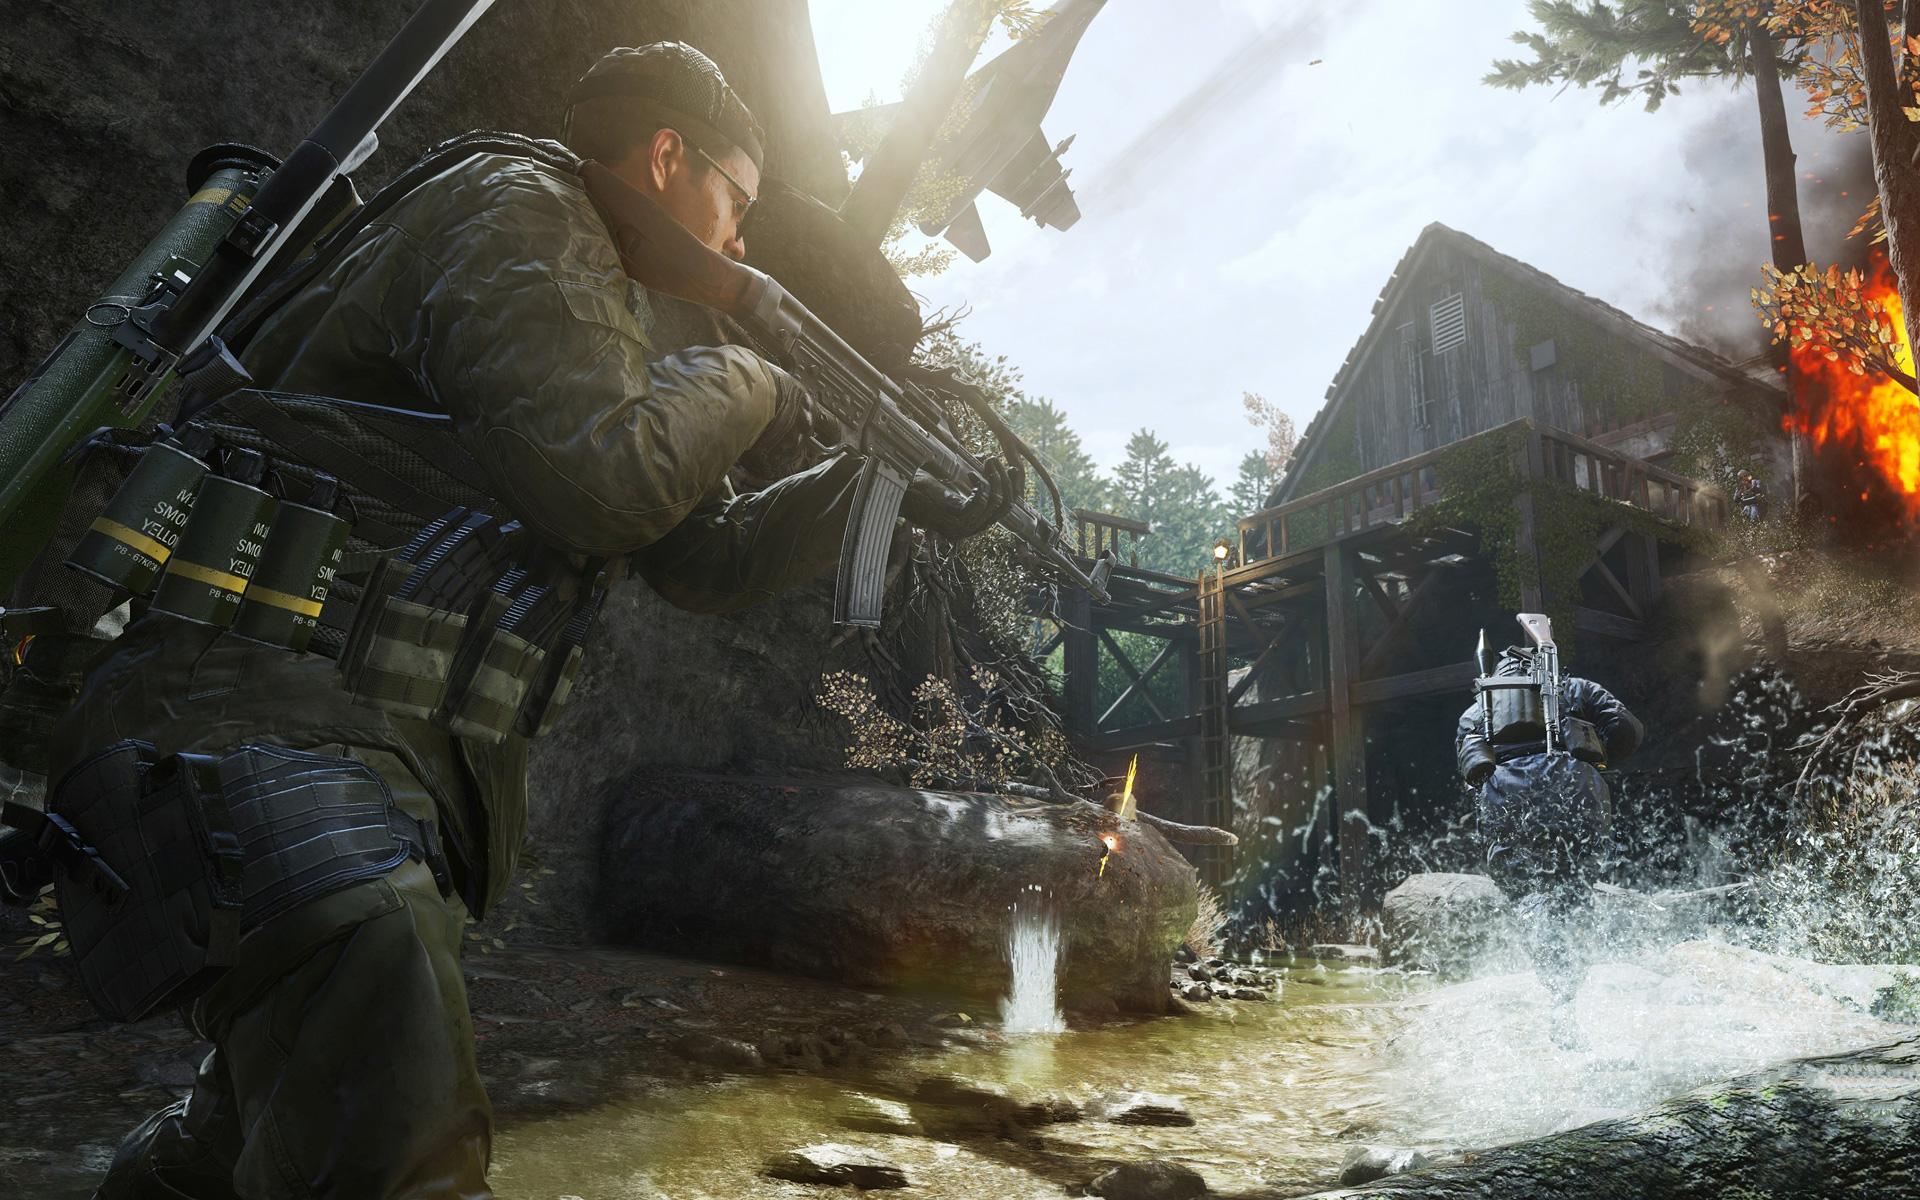 Free Call of Duty: Modern Warfare Wallpaper in 1920x1200